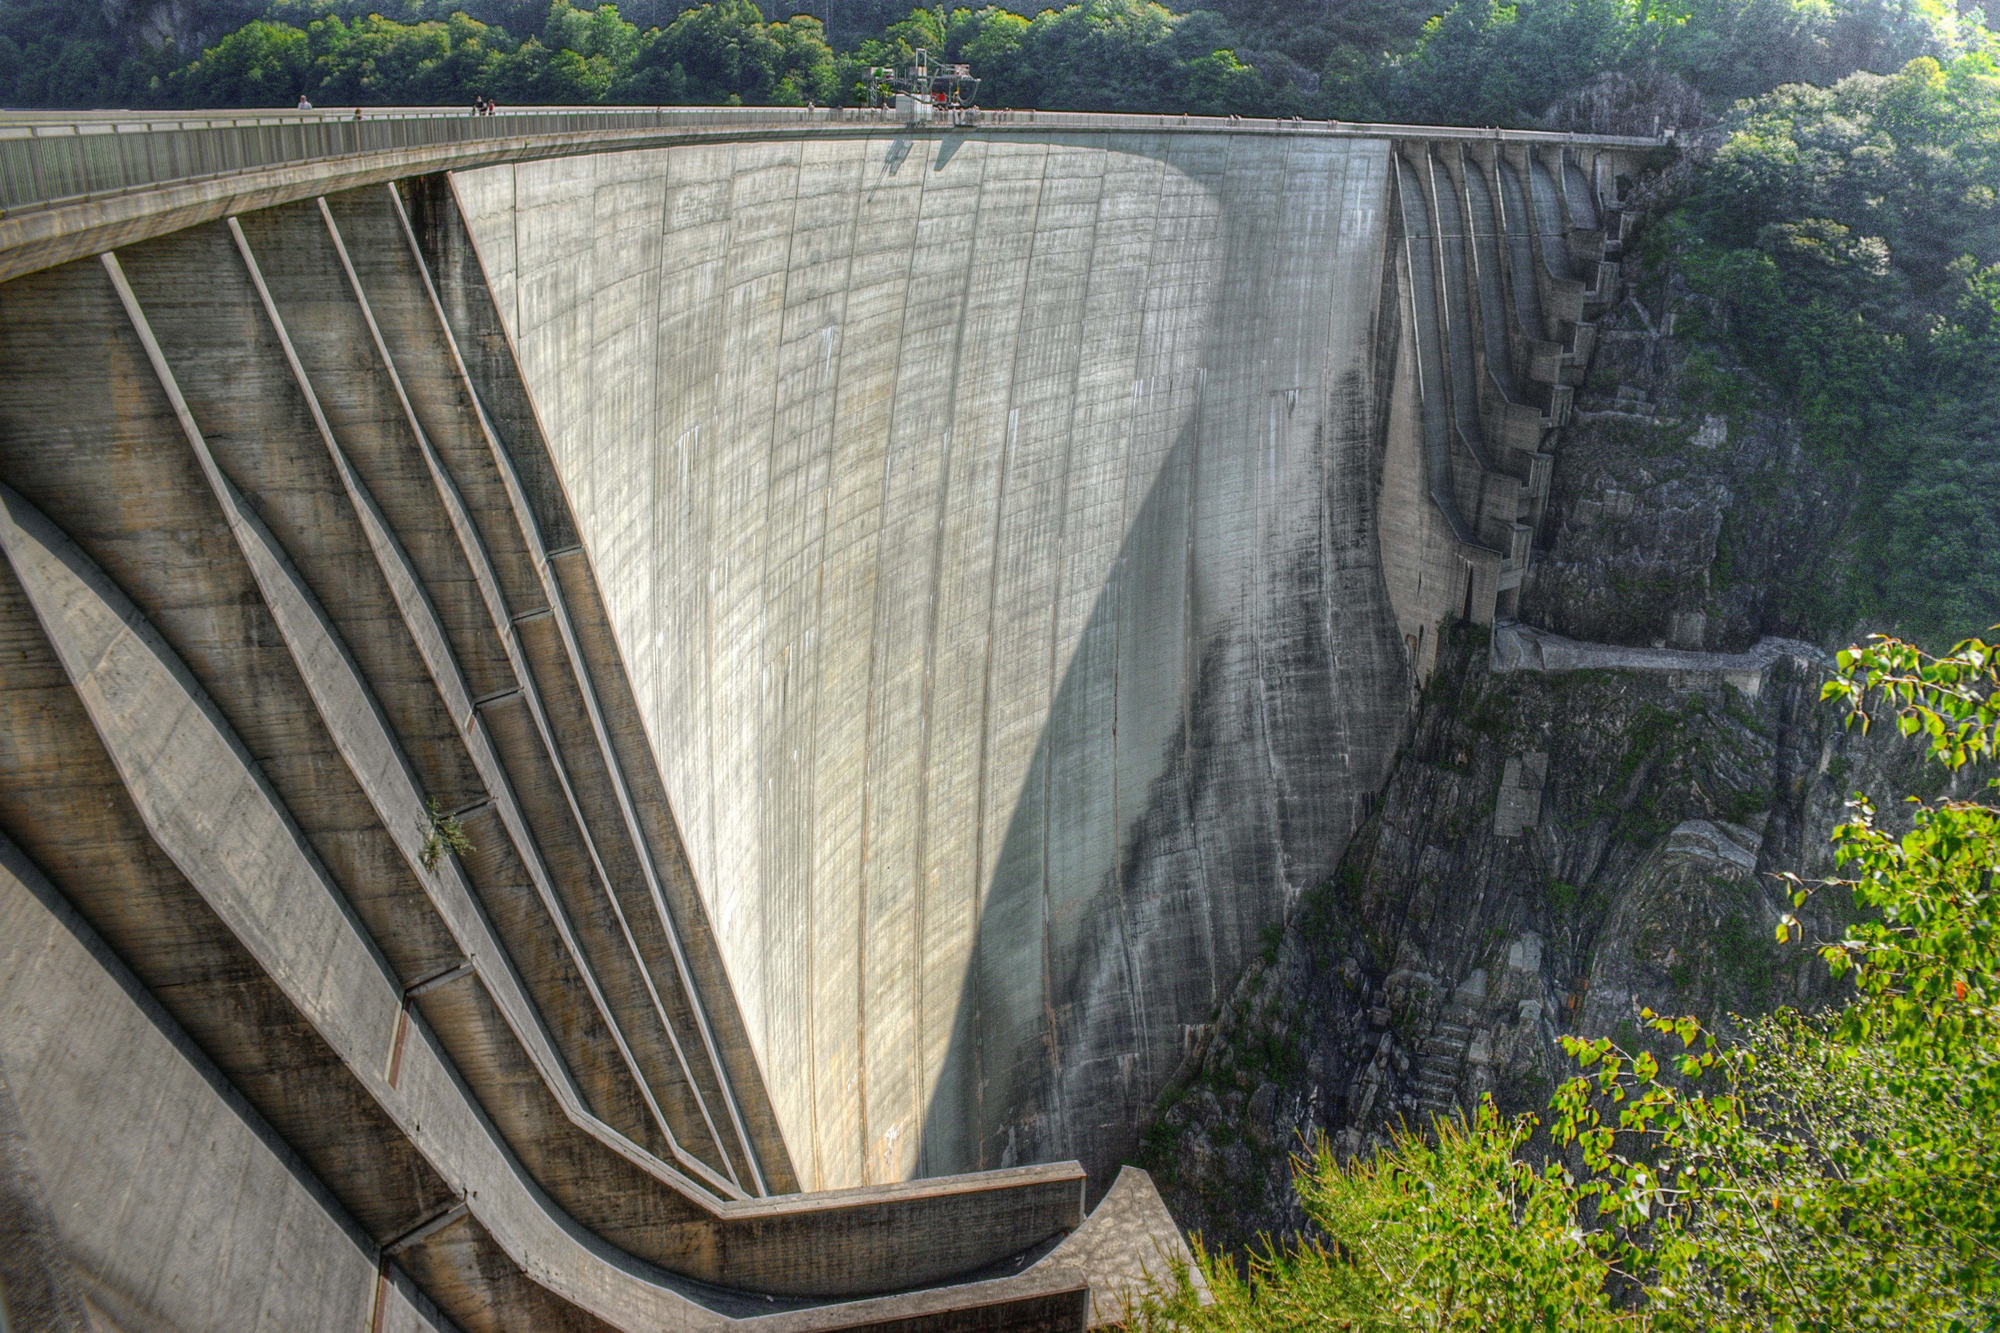 Contra dammen i Sveits er nok mest kjent for at den ble brukt i åpningscenen til Bond-filmen GoldenEye, som var den første filmen der Pierce Brosnan spilte Bond. Dammen er 220 meter høy, 380 meter bred og 7 meter tykk og ble åpnet for mer enn 50 år siden. Kanskje kan den i fremtiden bli sjekket av Elops scannere.